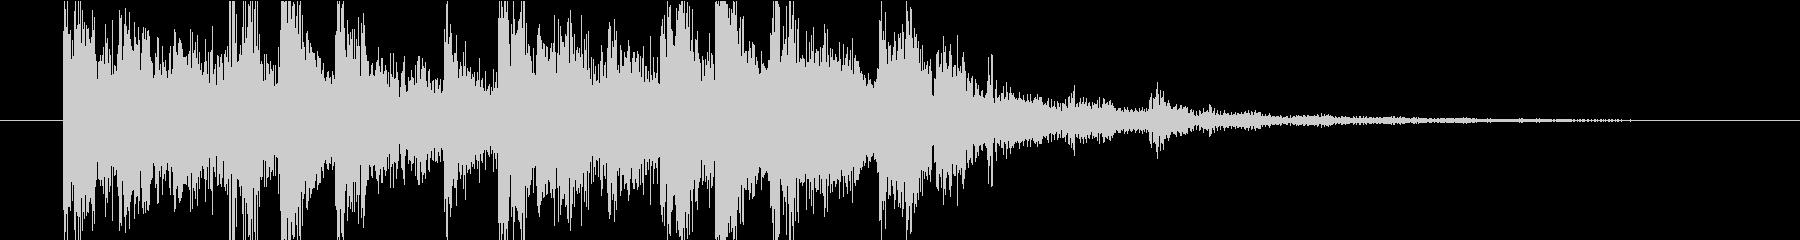 ファンキーなディープステップ/ダブ...の未再生の波形